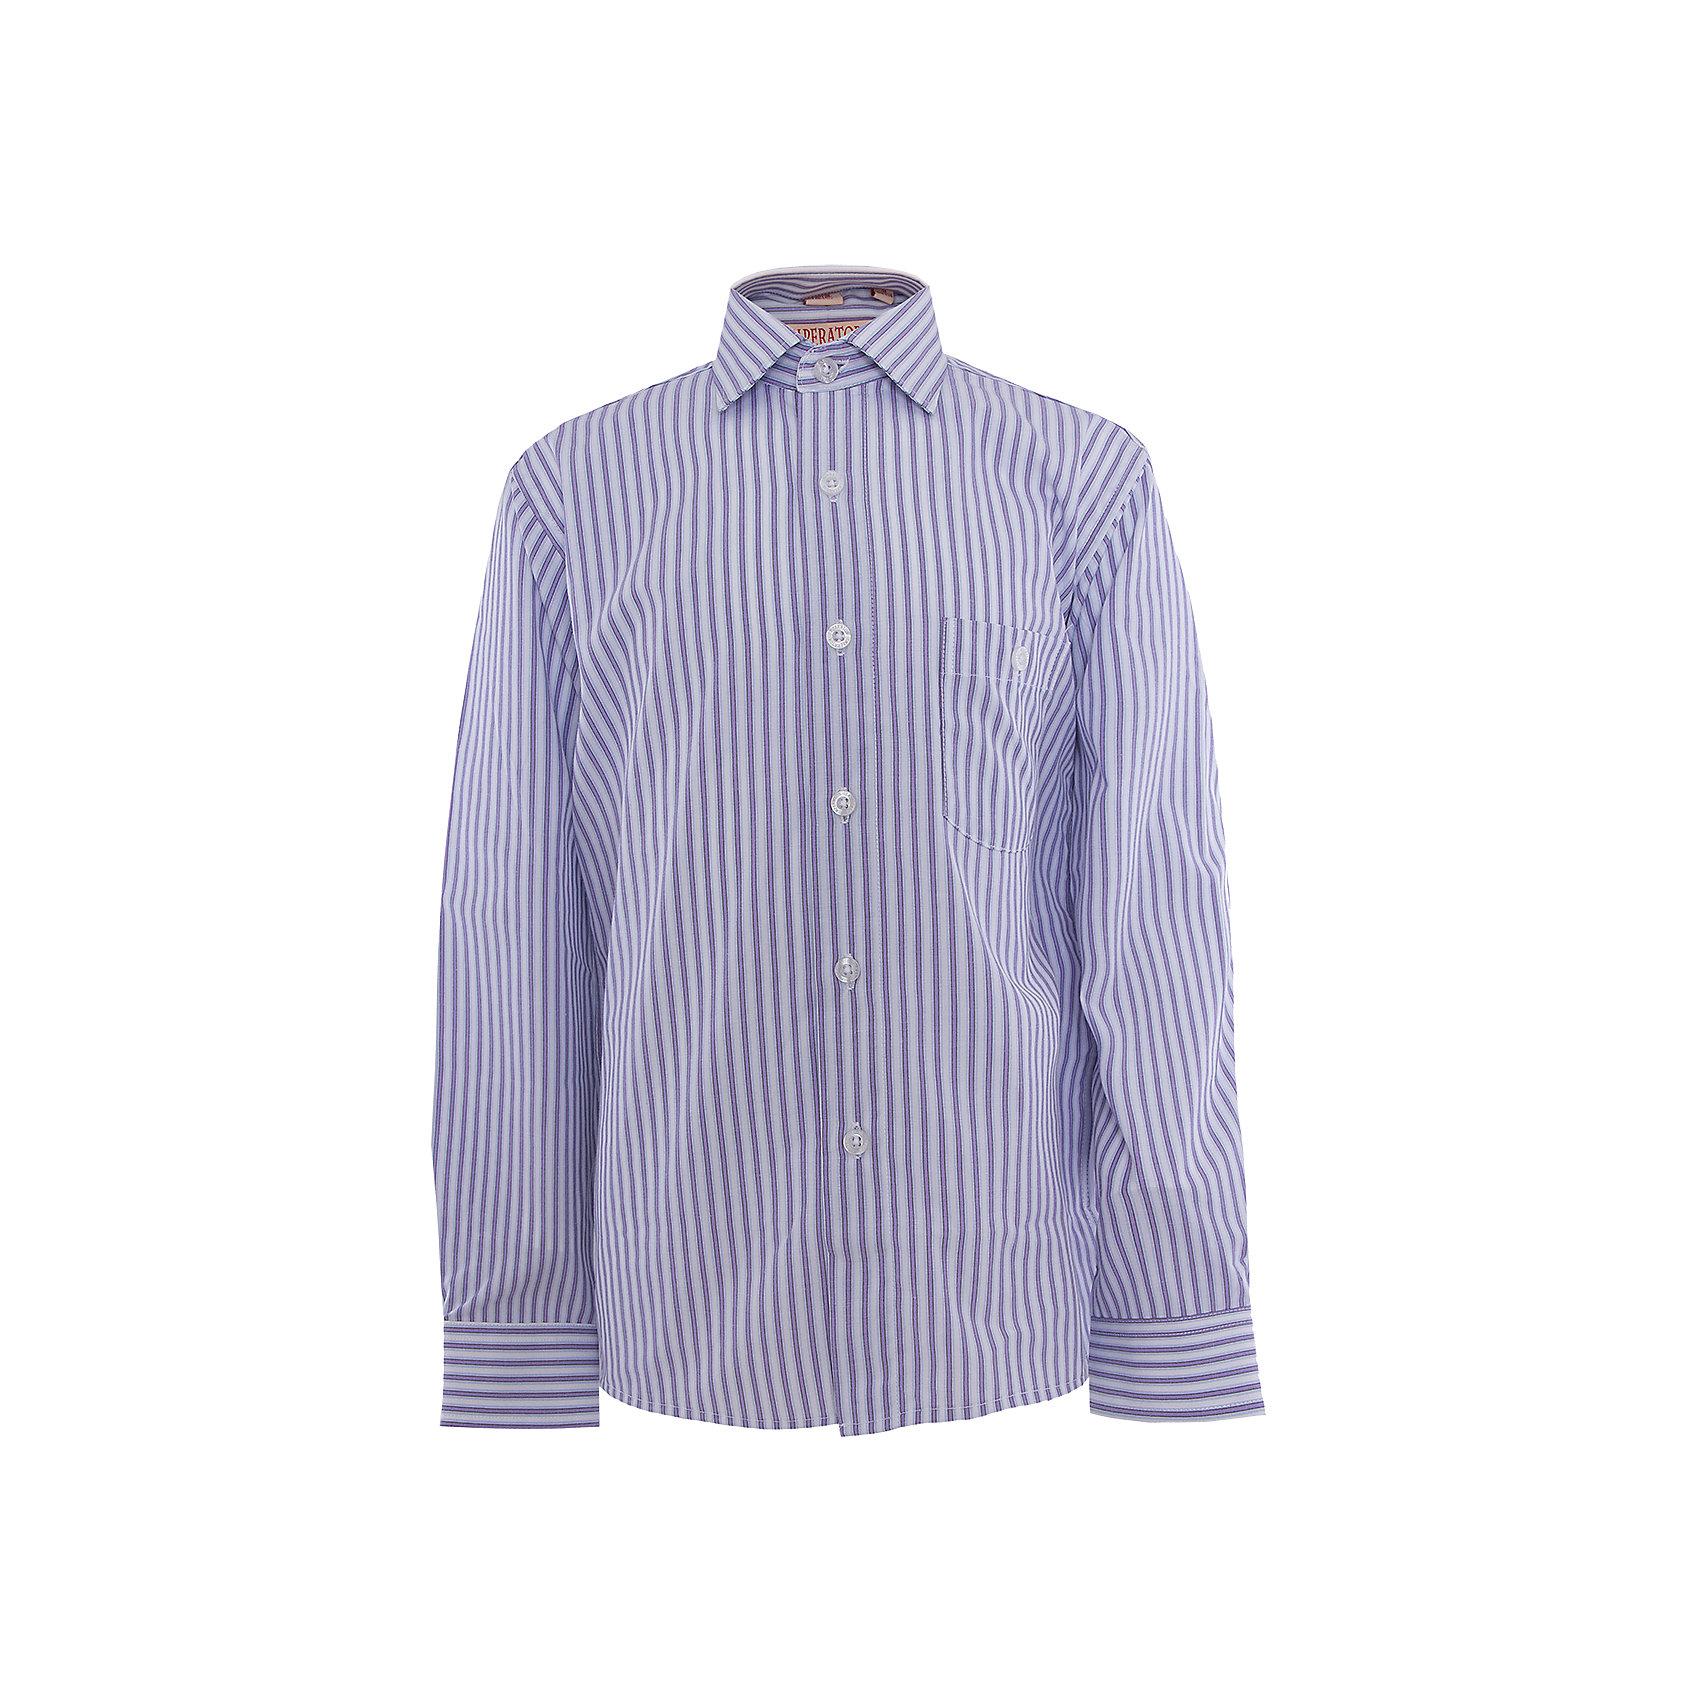 Рубашка для мальчика ImperatorБлузки и рубашки<br>Классическая рубашка - неотьемлемая вещь в гардеробе. Модель на пуговицах, с отложным воротником. Свободный покрой не стеснит движений и позволит чувствовать себя комфортно каждый день.  Состав 65 % хл. 35% П/Э<br><br>Ширина мм: 174<br>Глубина мм: 10<br>Высота мм: 169<br>Вес г: 157<br>Цвет: фиолетовый<br>Возраст от месяцев: 132<br>Возраст до месяцев: 144<br>Пол: Мужской<br>Возраст: Детский<br>Размер: 146/152,164/170,122/128,128/134,134/140,140/146,152/158,158/164<br>SKU: 4749381